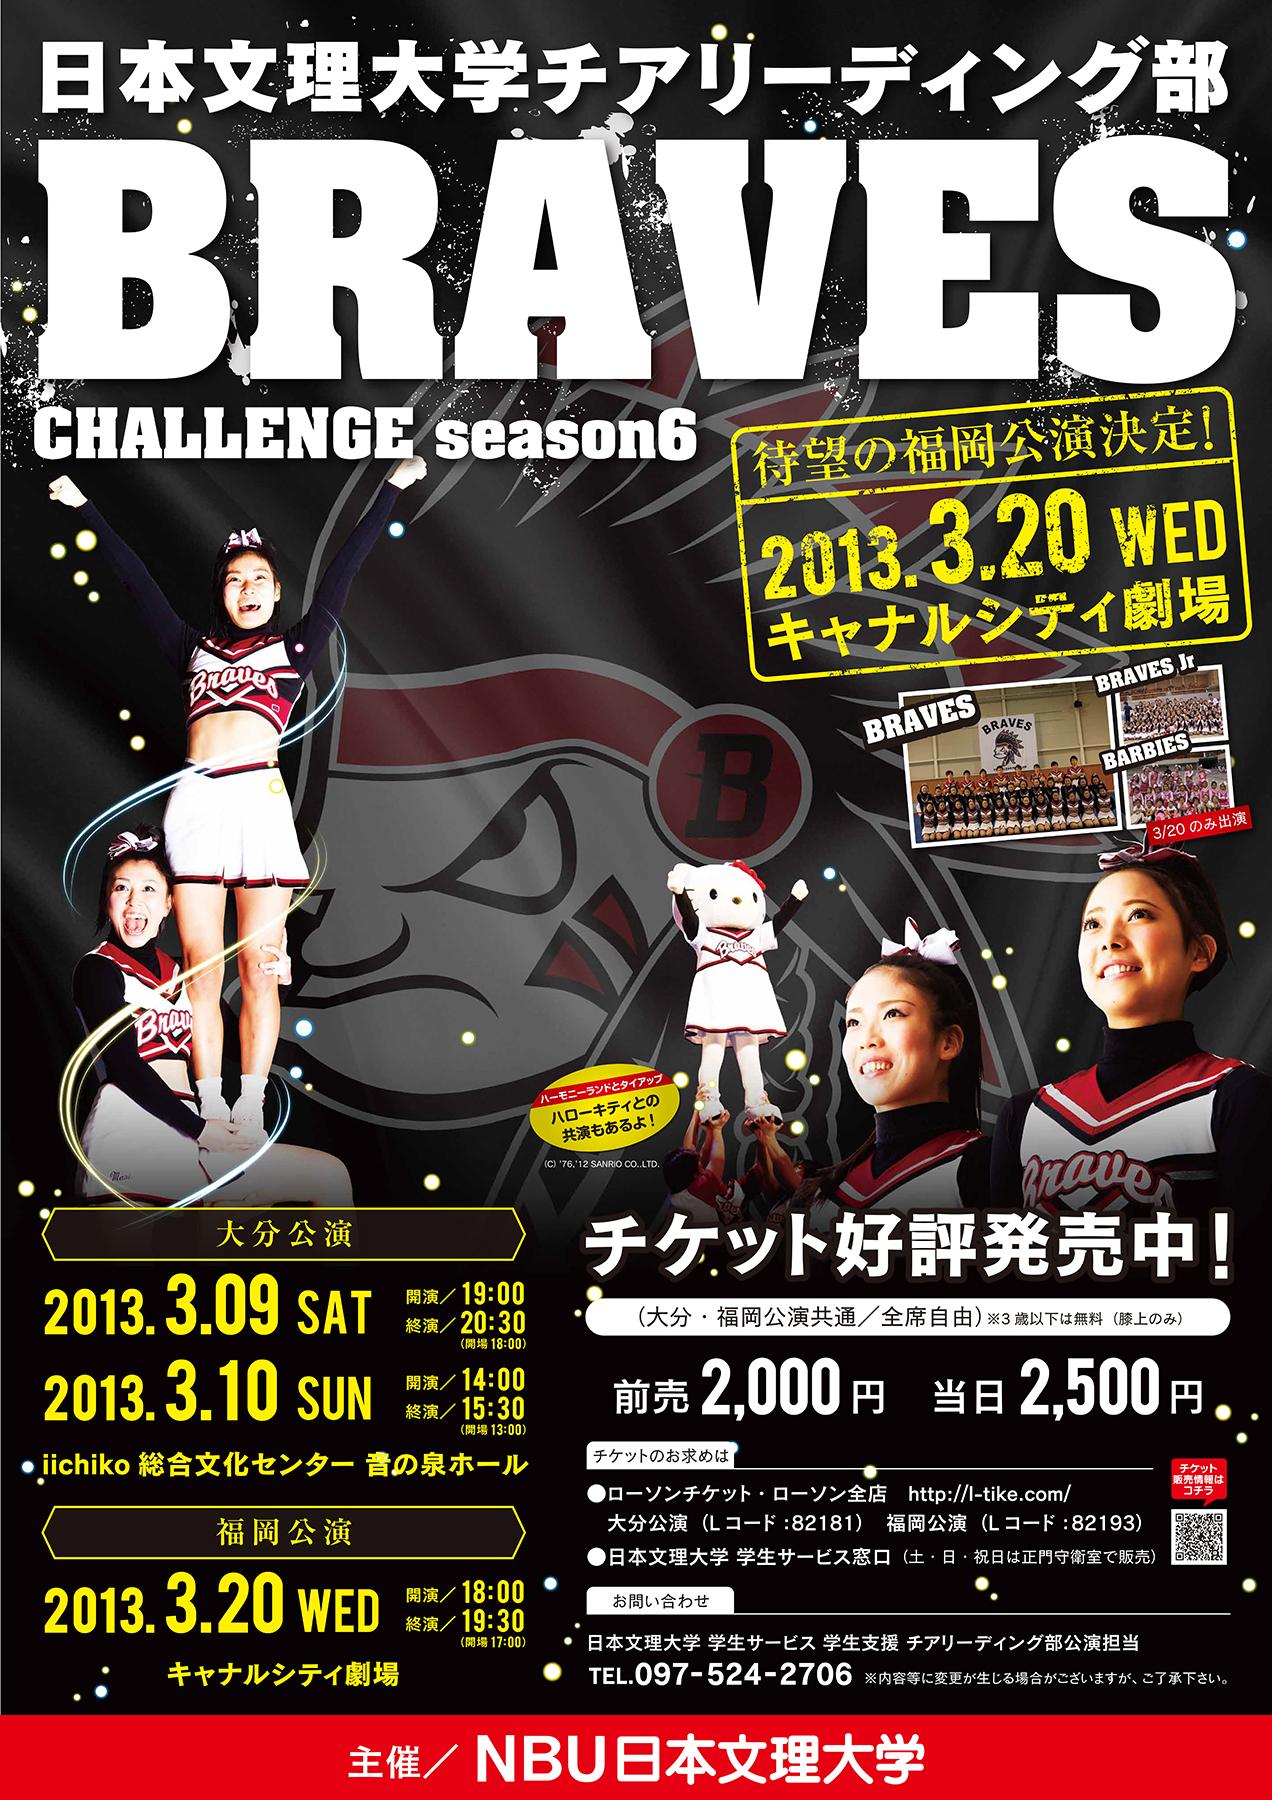 日本文理大学チアリーディング部 BRAVES CHALLENGE season6 B1B2ポスター